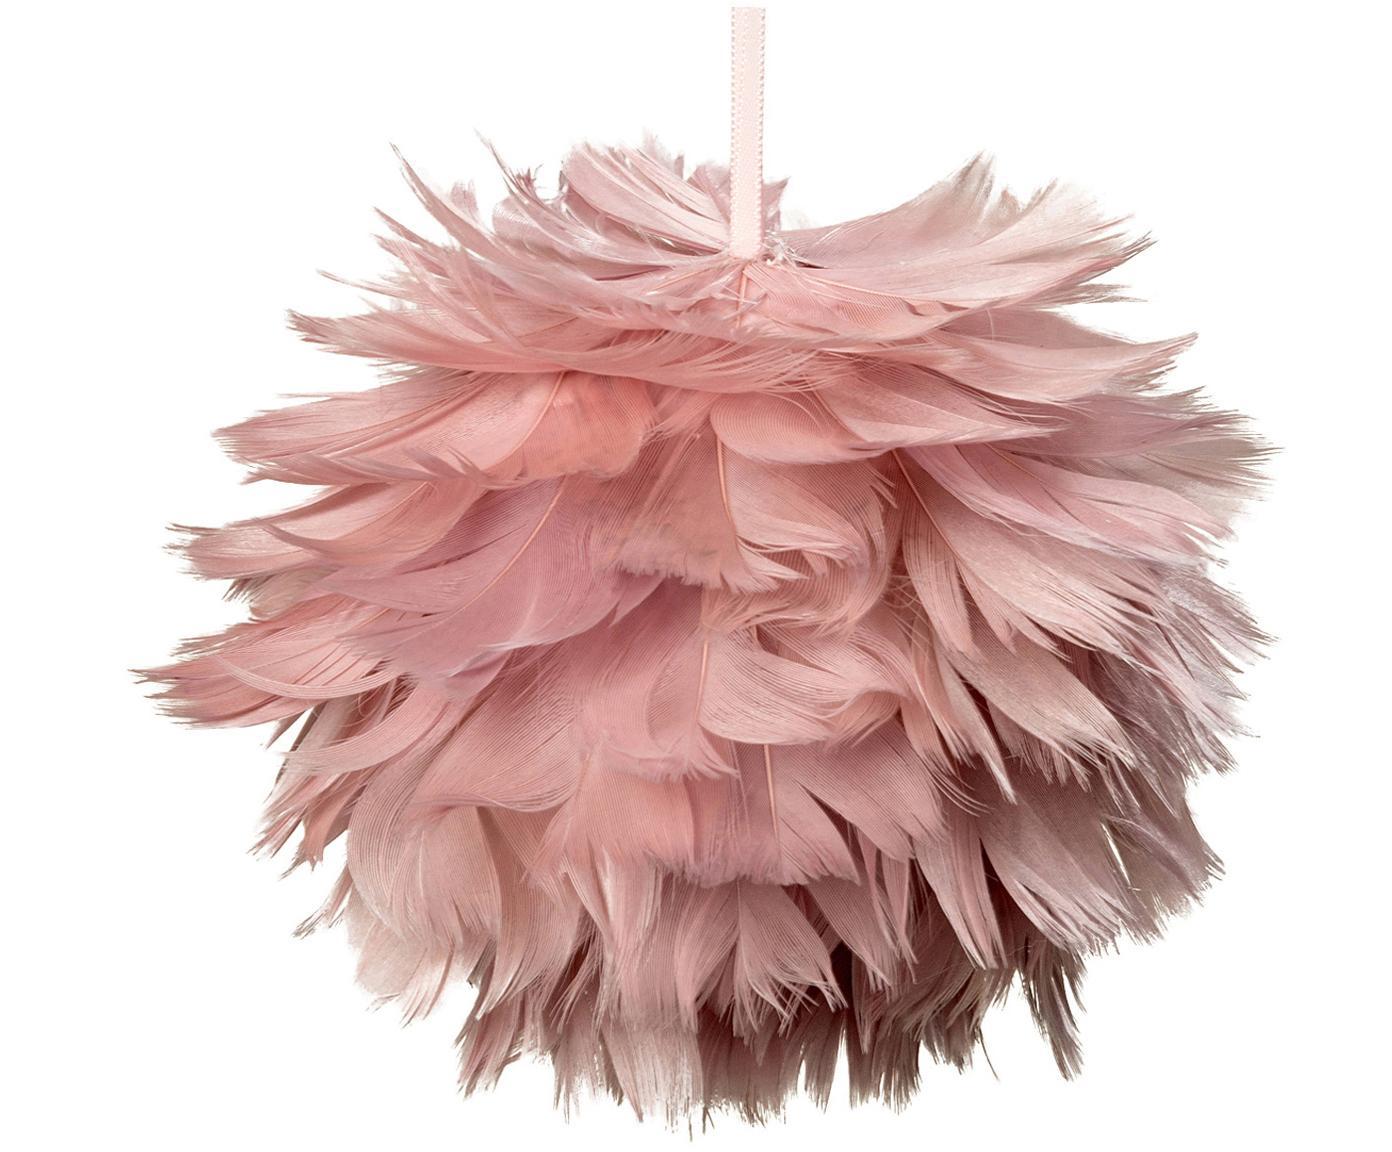 Baumanhänger Fay, 2 Stück, rosa, Ø 11 cm